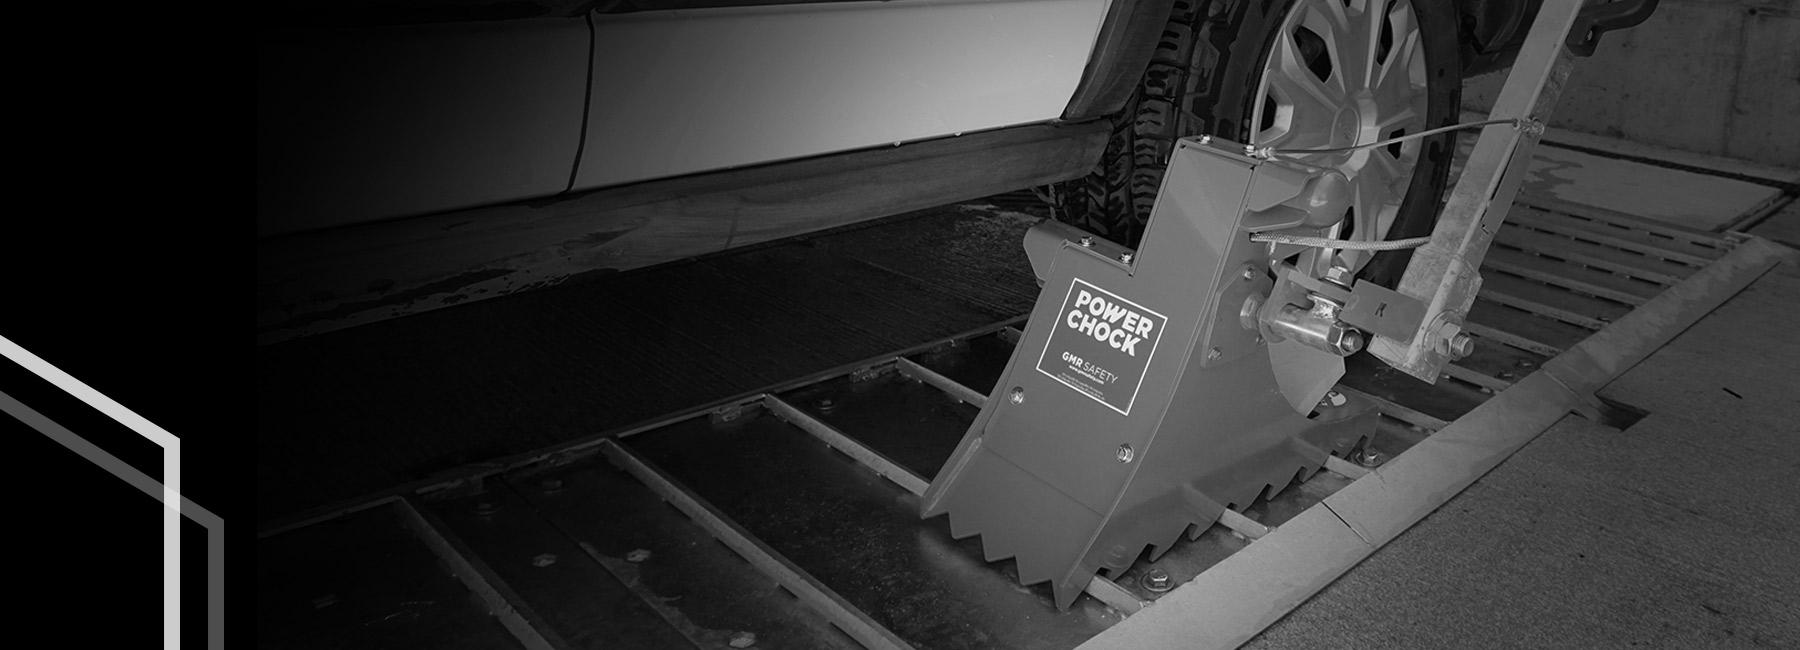 POWERCHOCK sécurise tous types véhicules